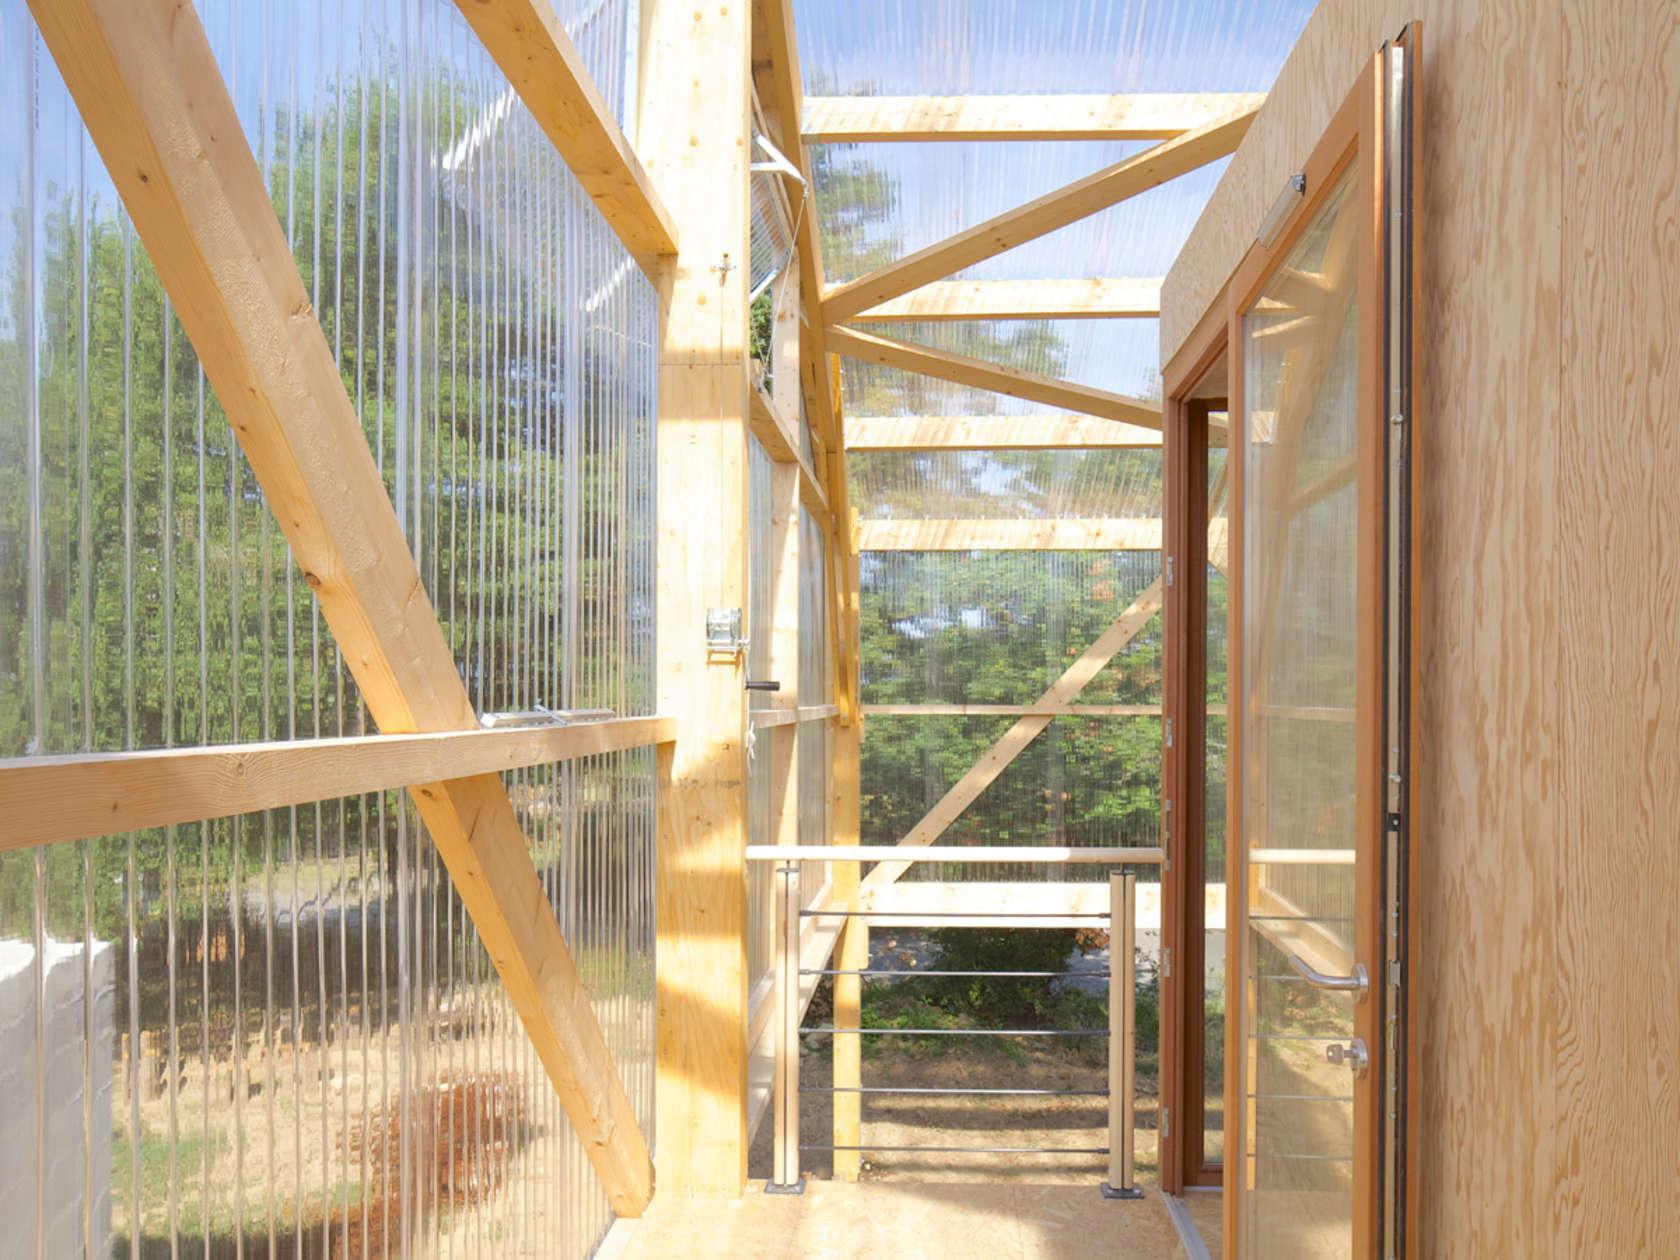 plus belles maisons : Maison D détail de la porte